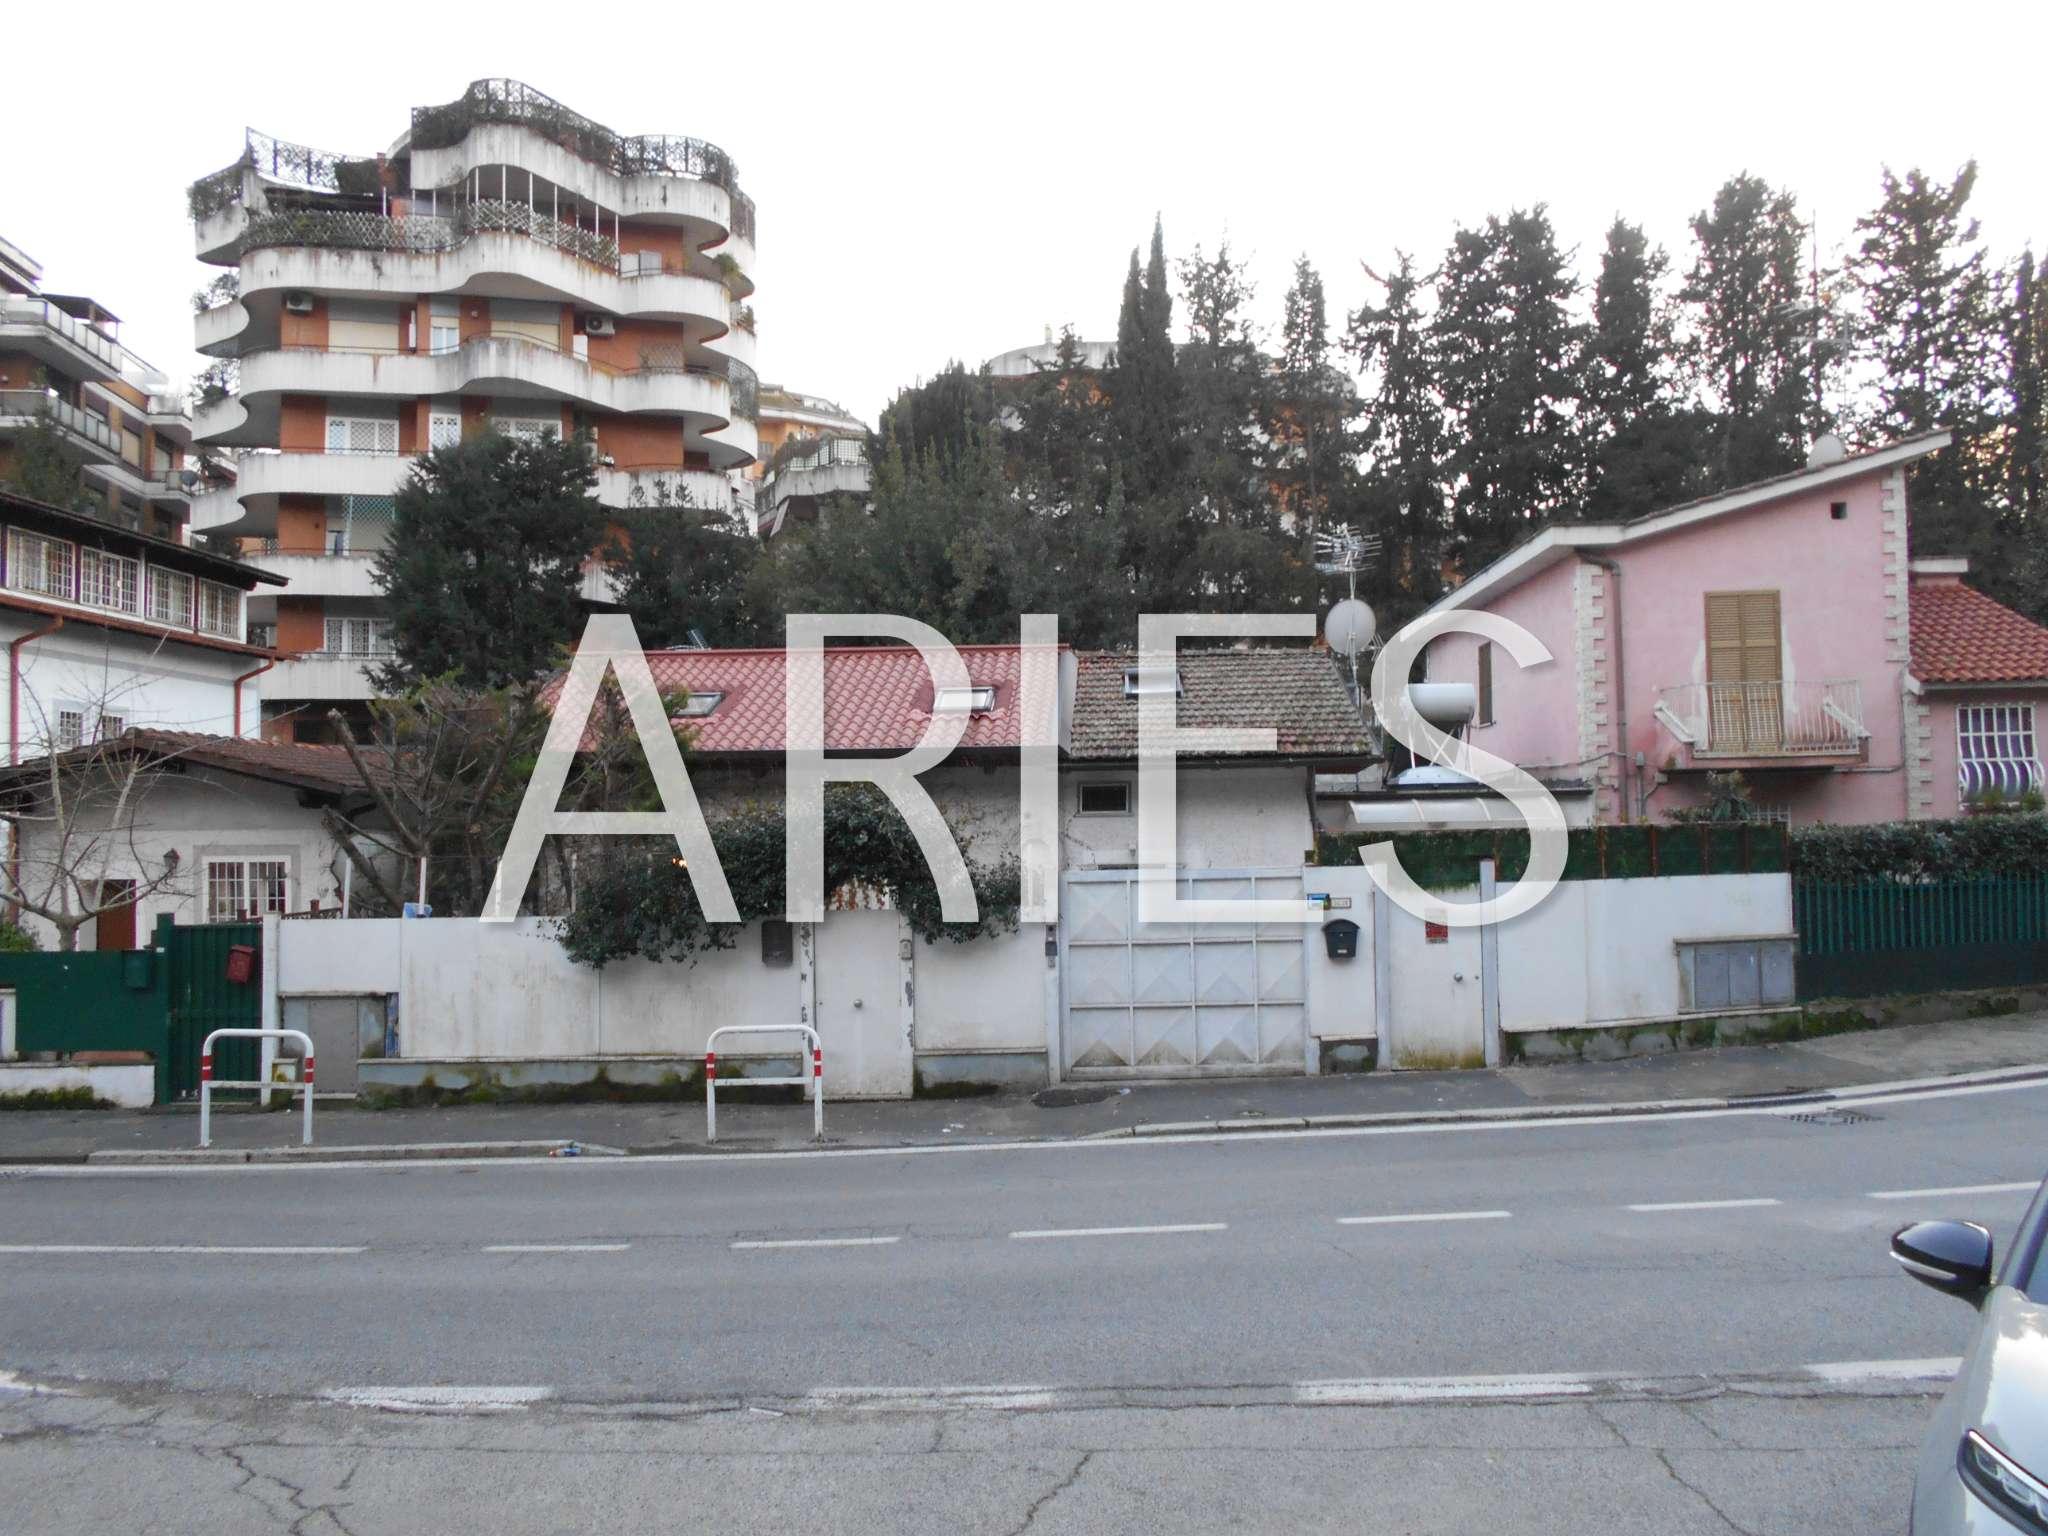 Soluzione Indipendente in vendita a Roma, 4 locali, zona Zona: 42 . Cassia - Olgiata, prezzo € 345.000   CambioCasa.it